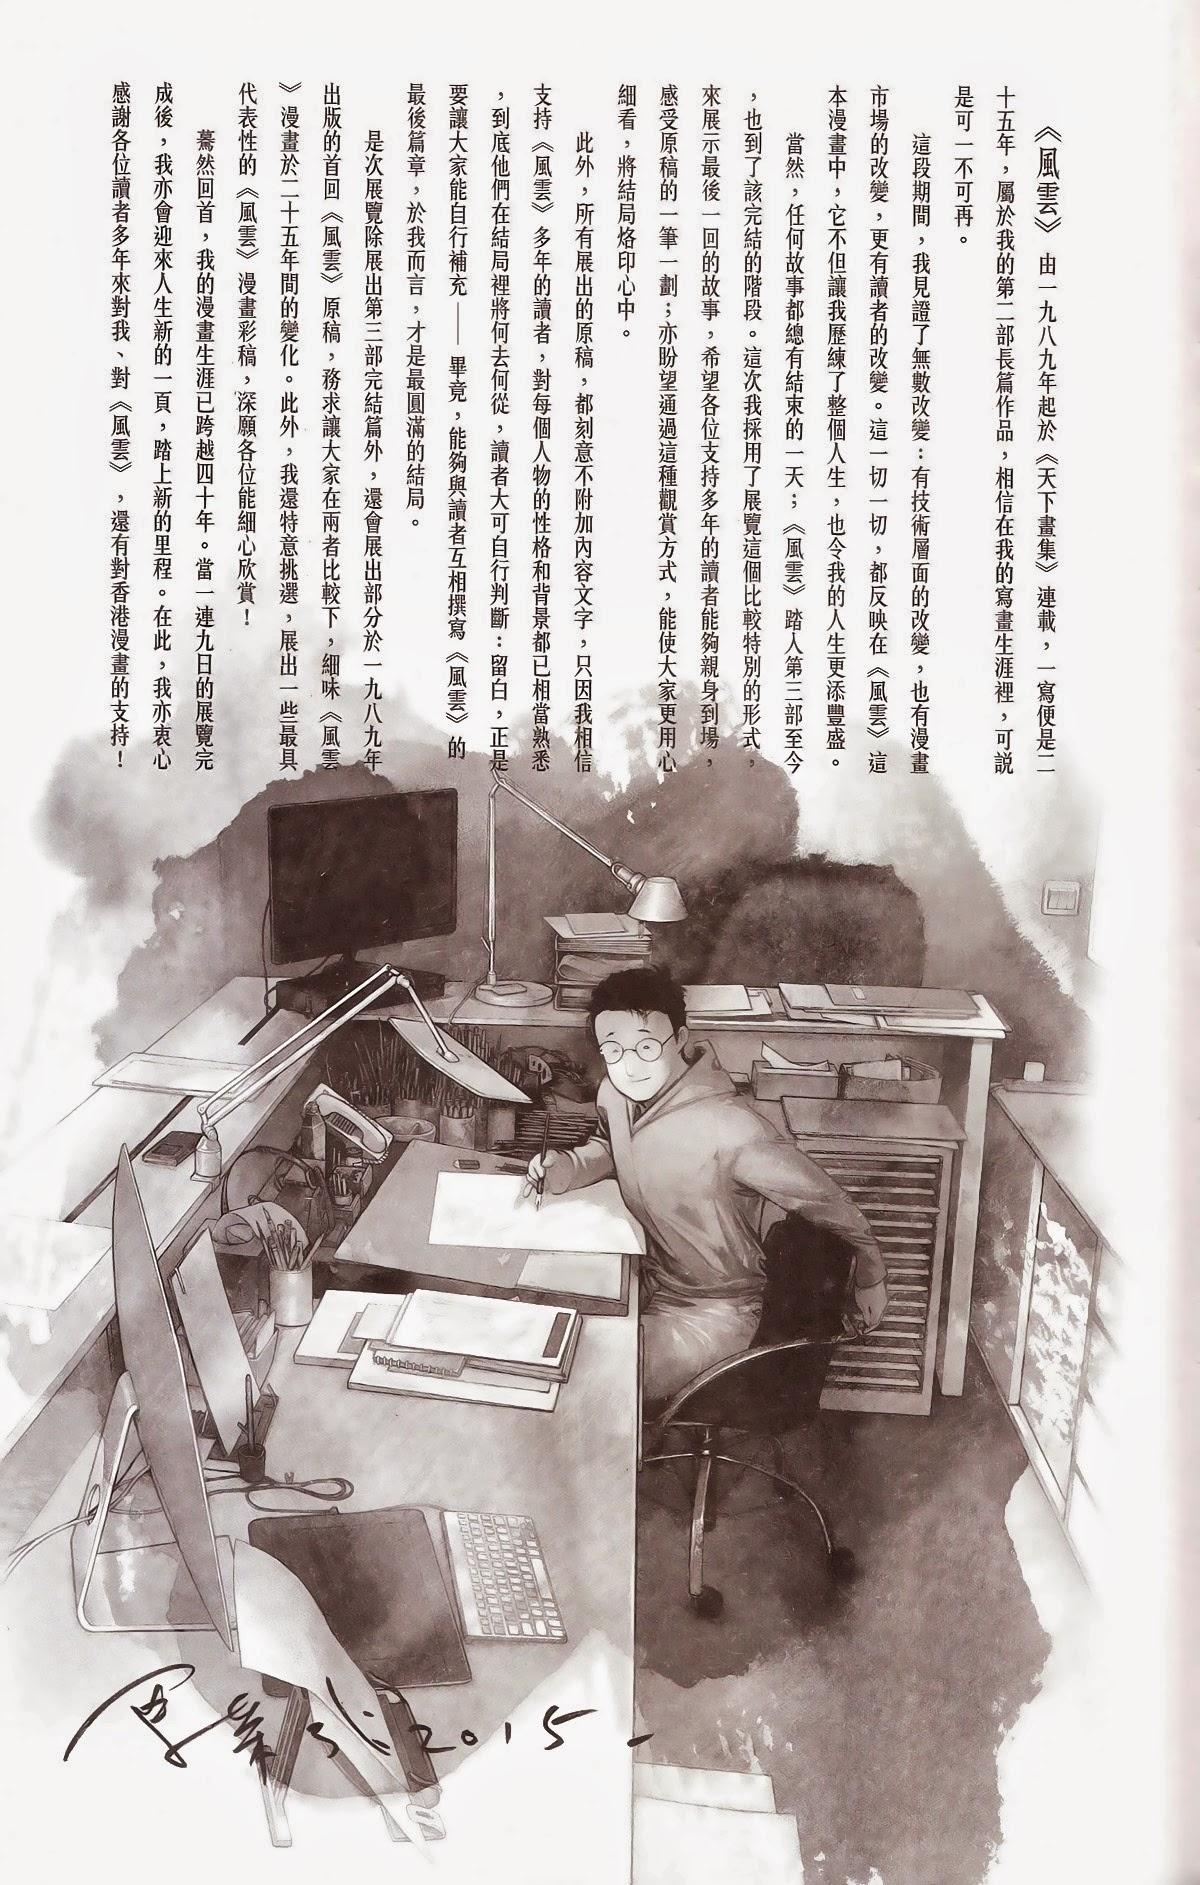 Phong Vân chap 675 - Trang 75